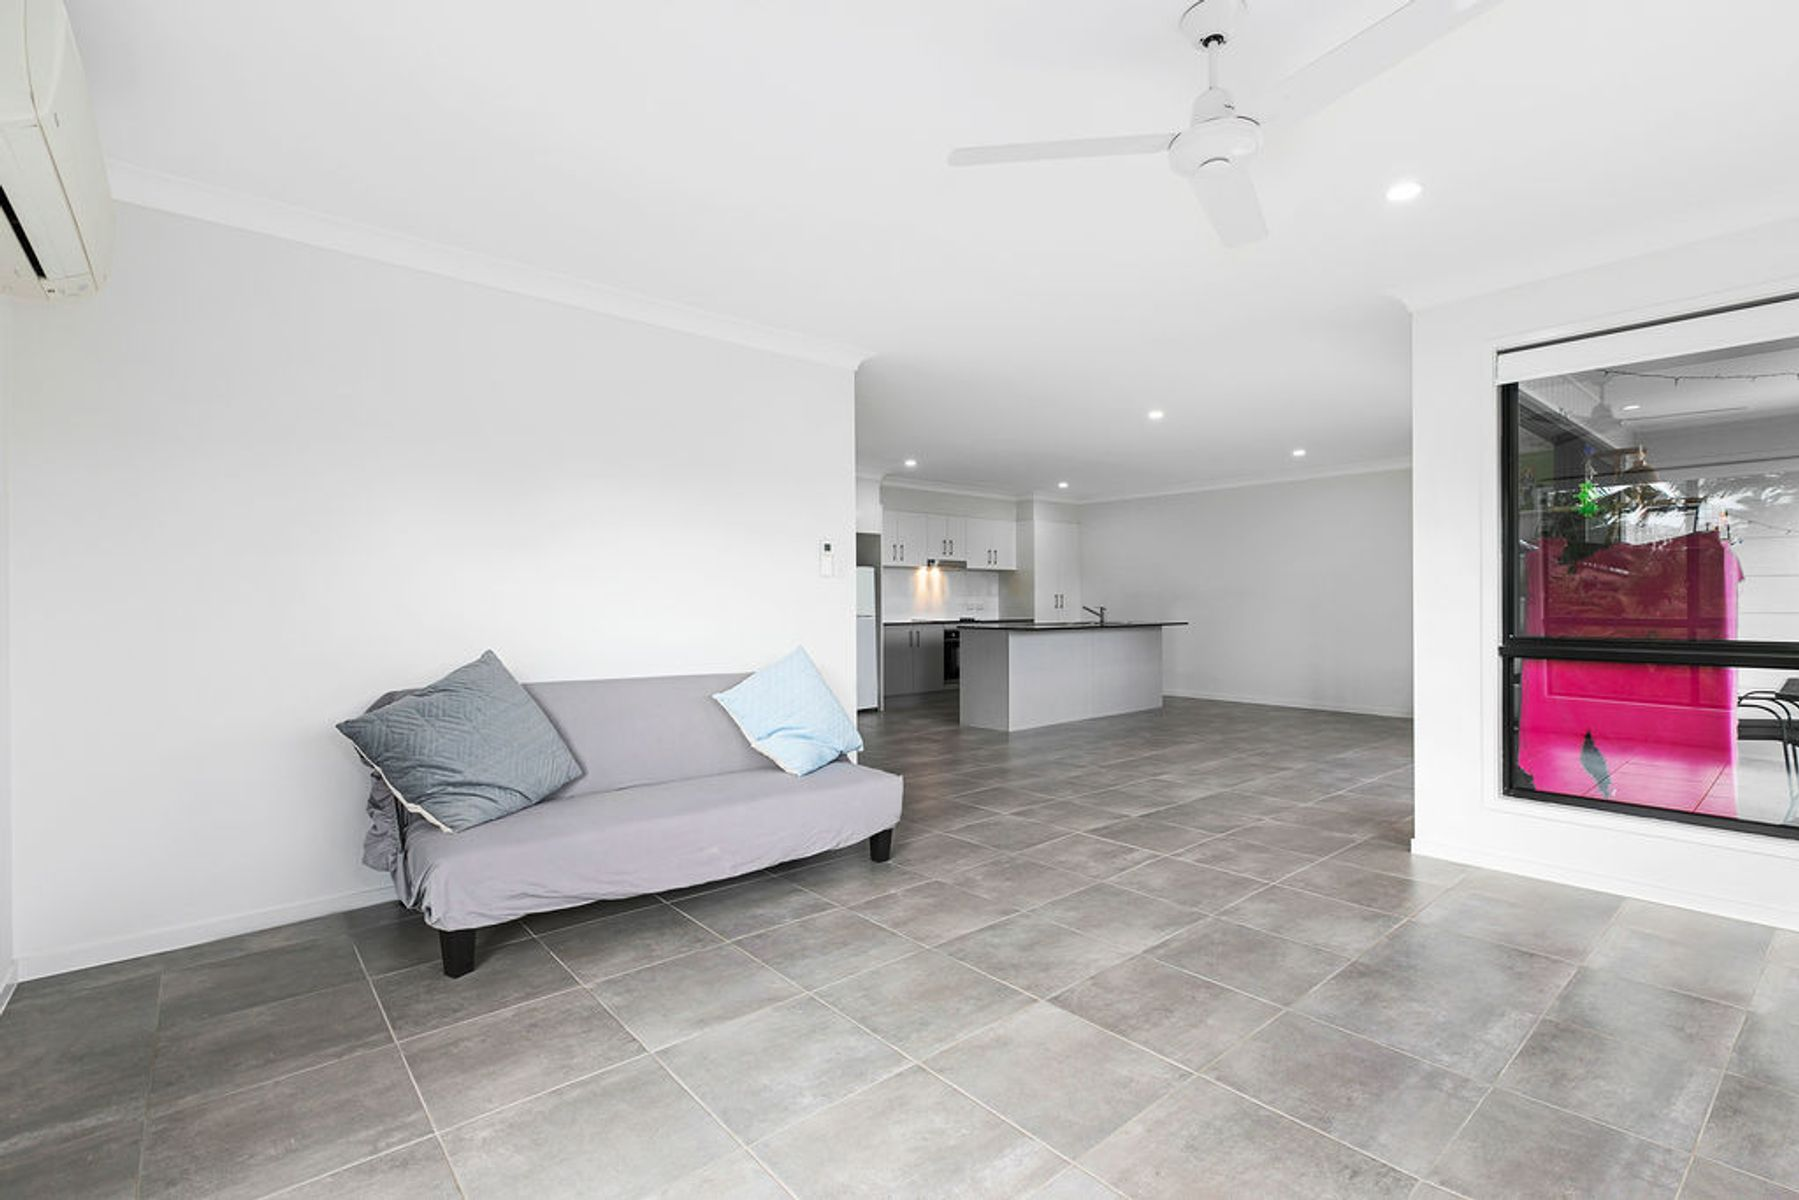 1/10 Macaranga Place, Palmwoods, QLD 4555